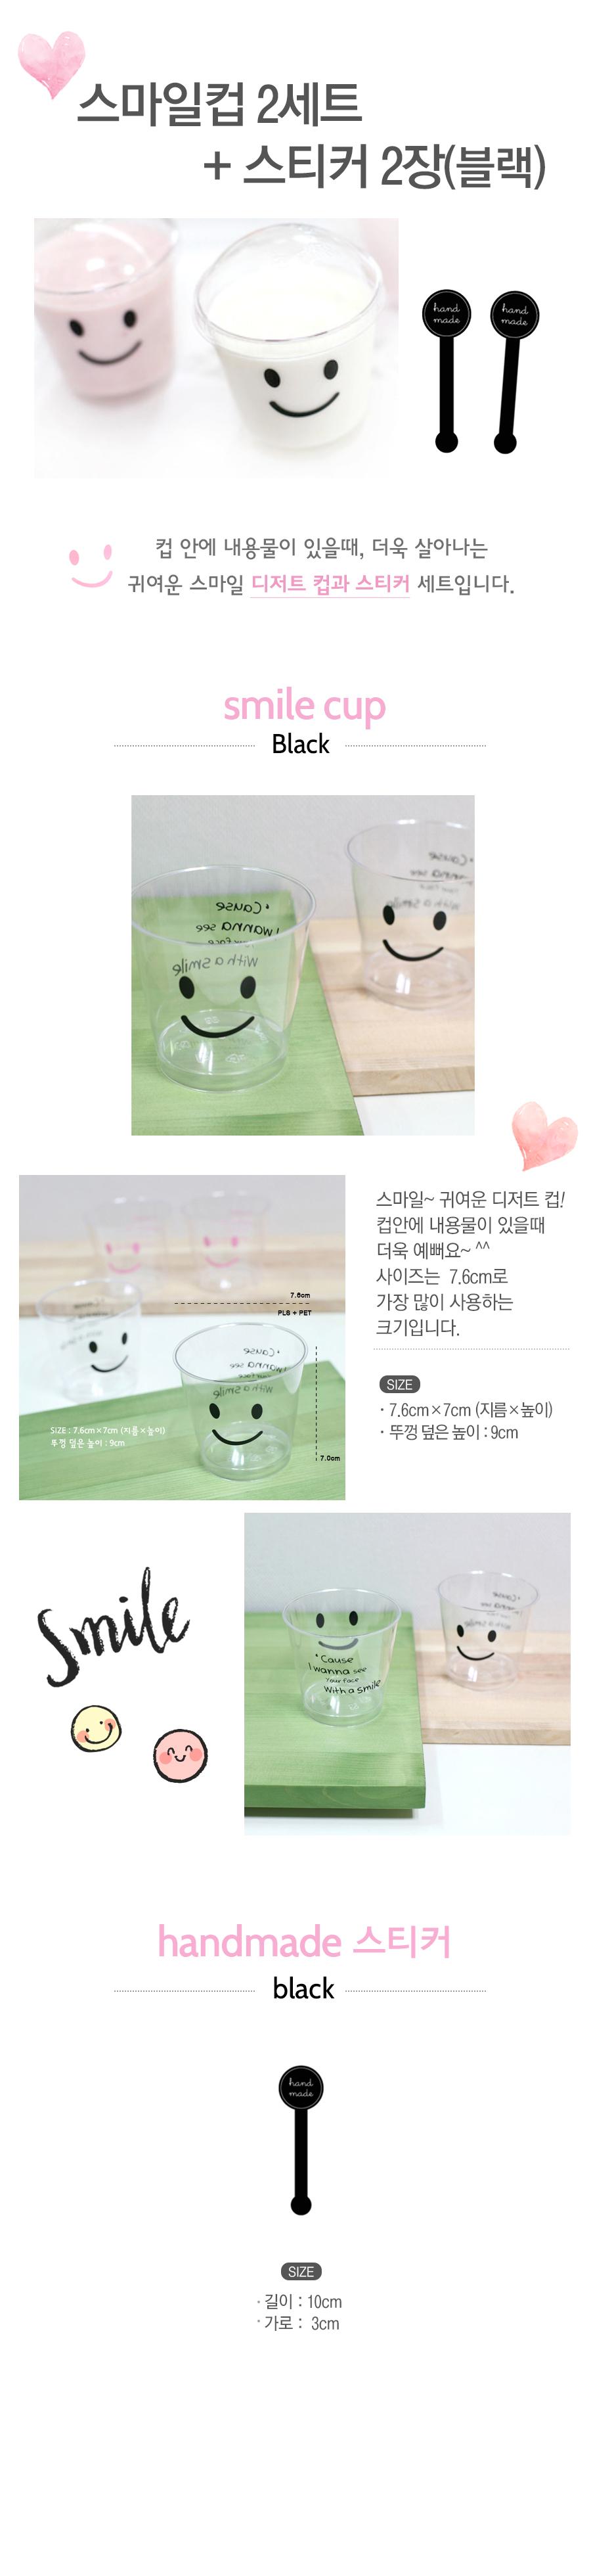 스마일컵 2세트 + 스티커 2장 - 블랙 - 레드비, 2,500원, DIY재료, 포장용구